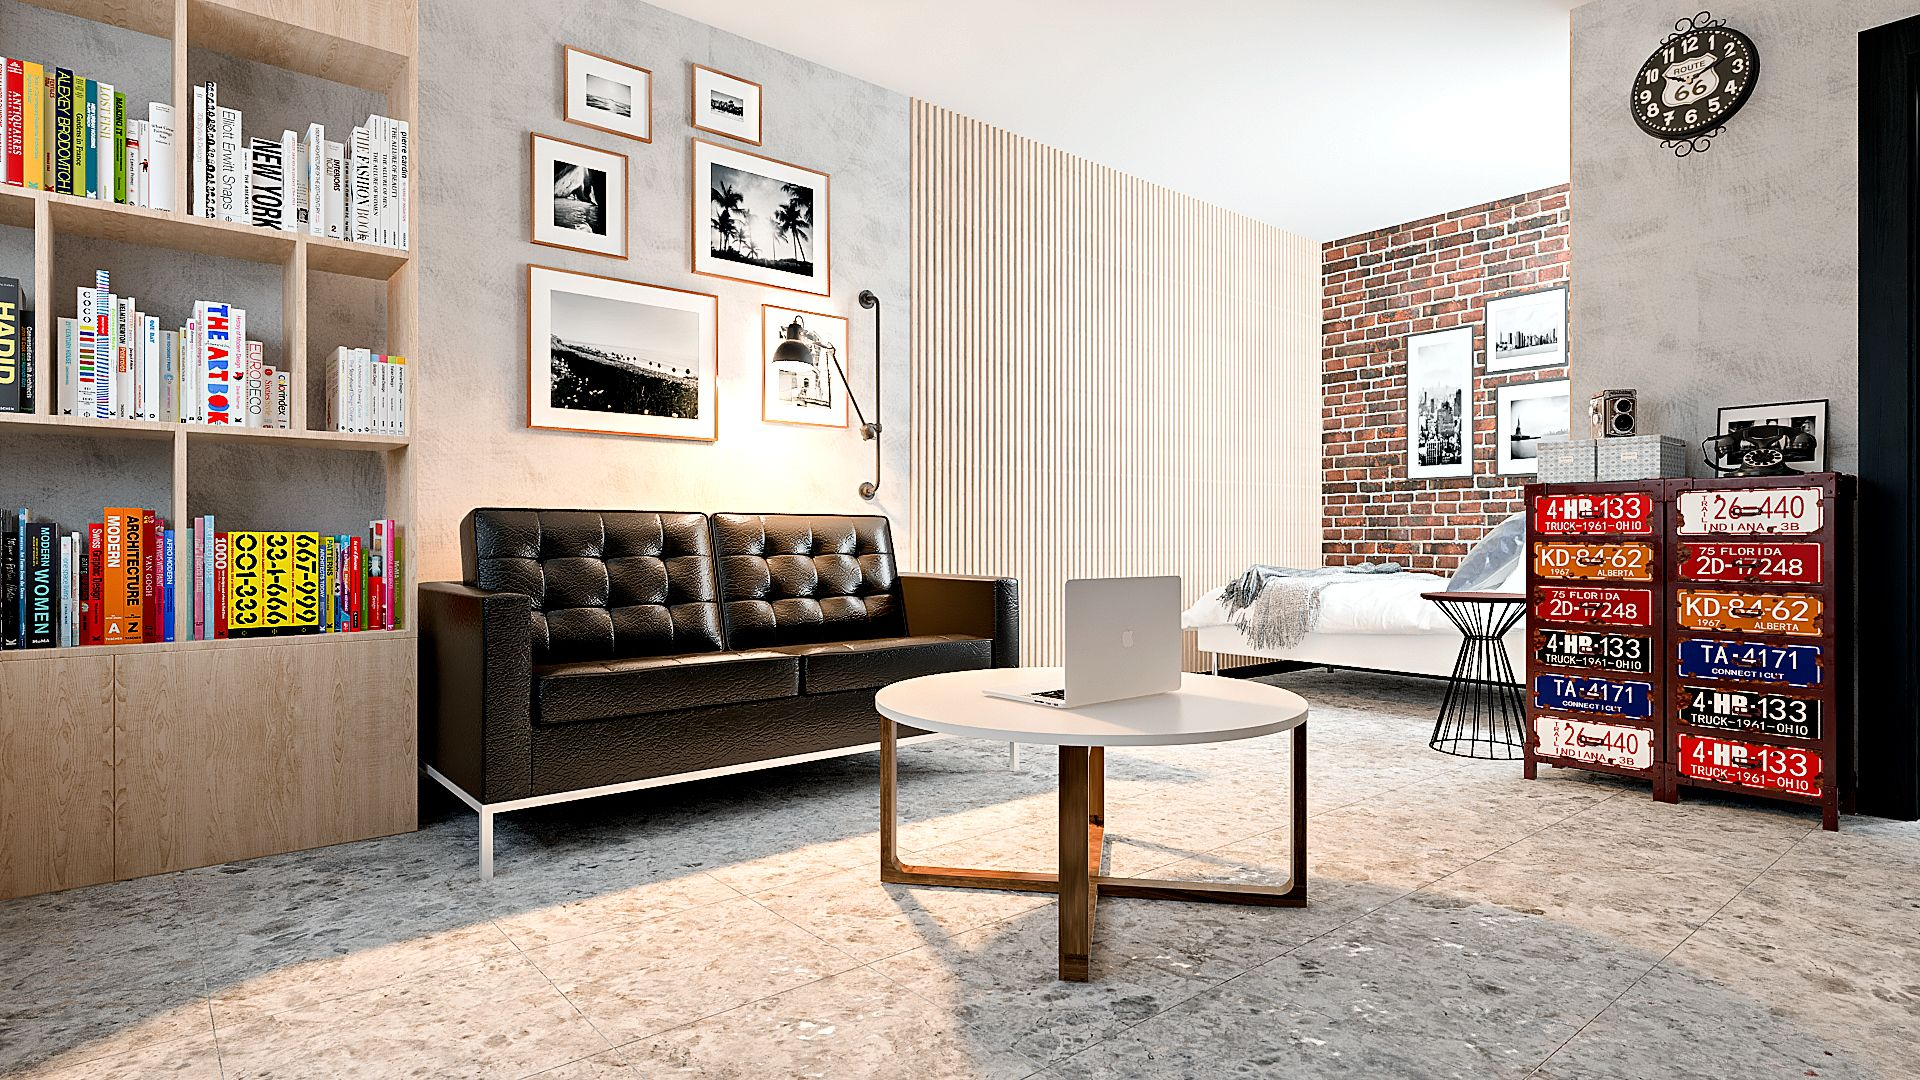 Дизайн однокомнатной квартиры в Гомеле, Гостиная - спальня в стиле лофт в квартире изображение 8, рейки на стене